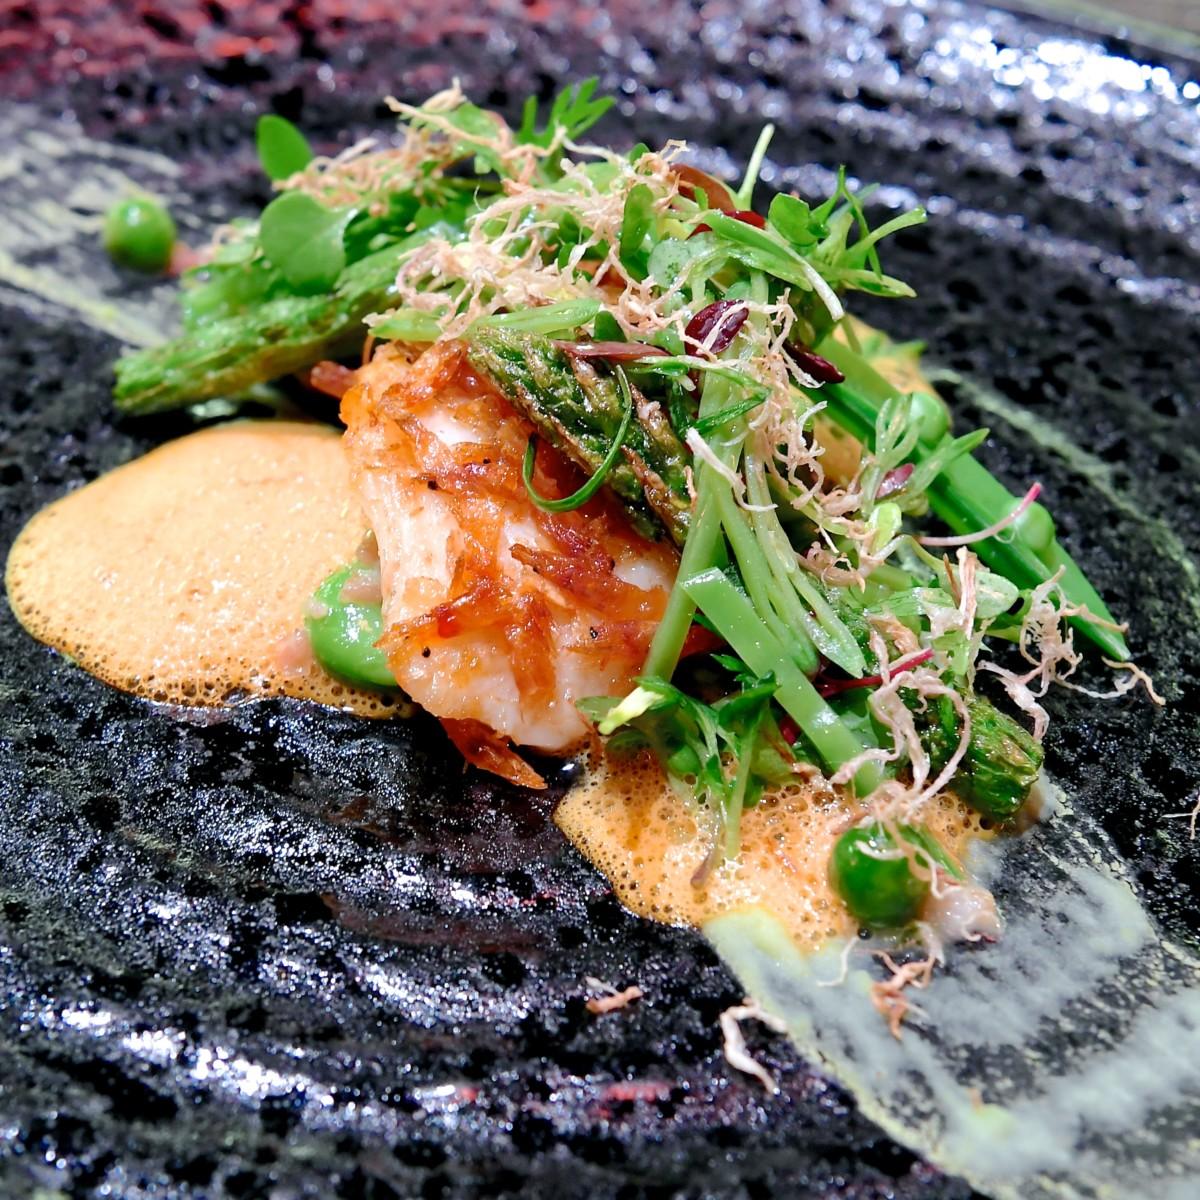 燻製桜海老を纏った的鯛とアスパラガスのソテー 空豆のブレゼと新生姜のフリット アップ